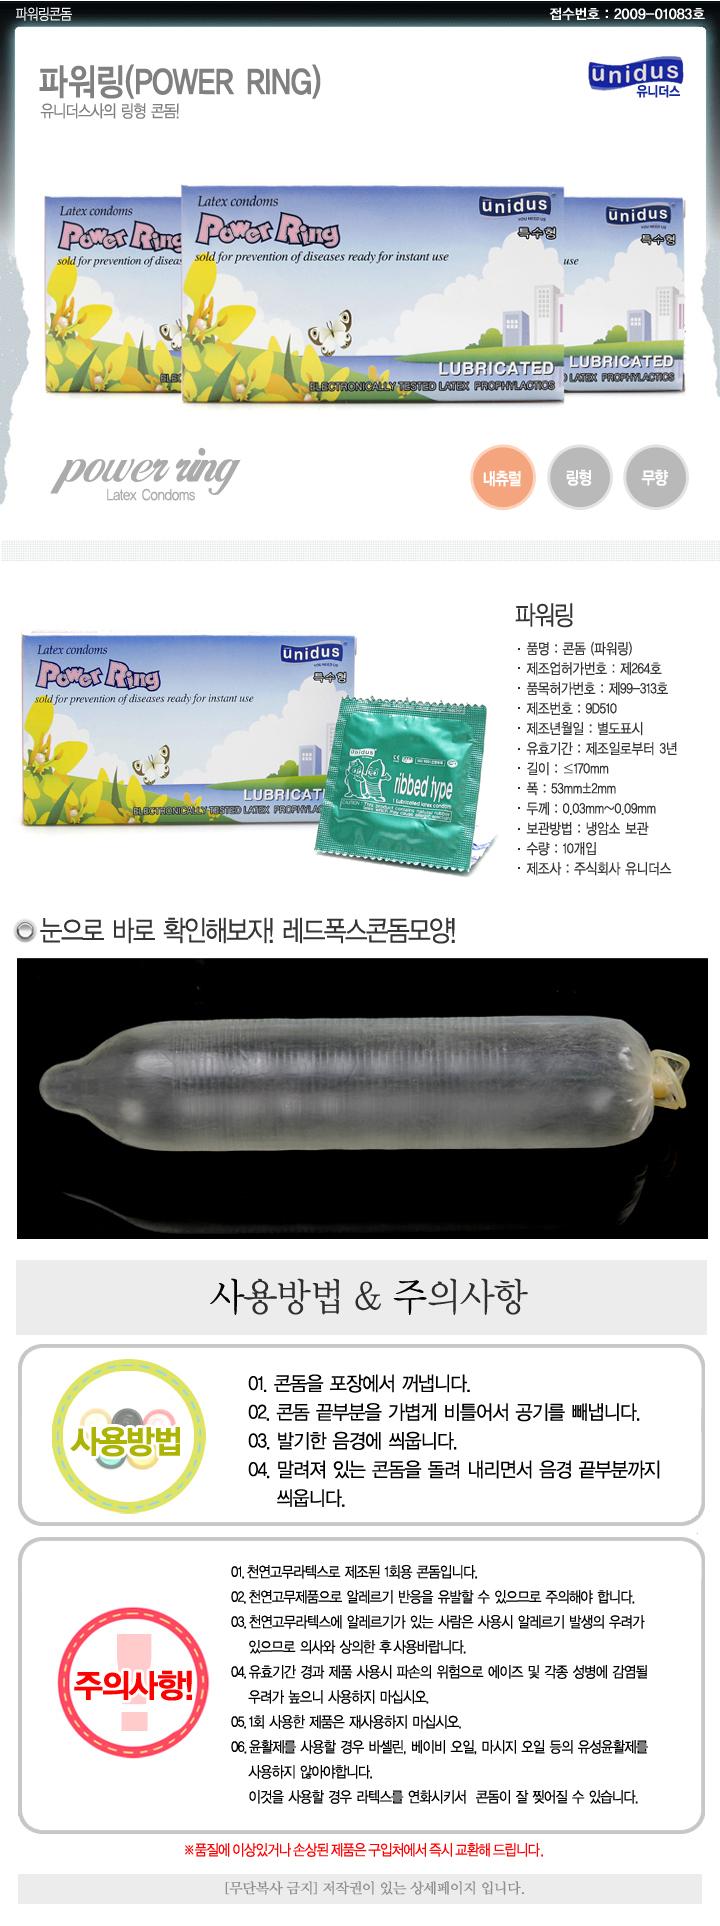 유니더스 파워링 콘돔